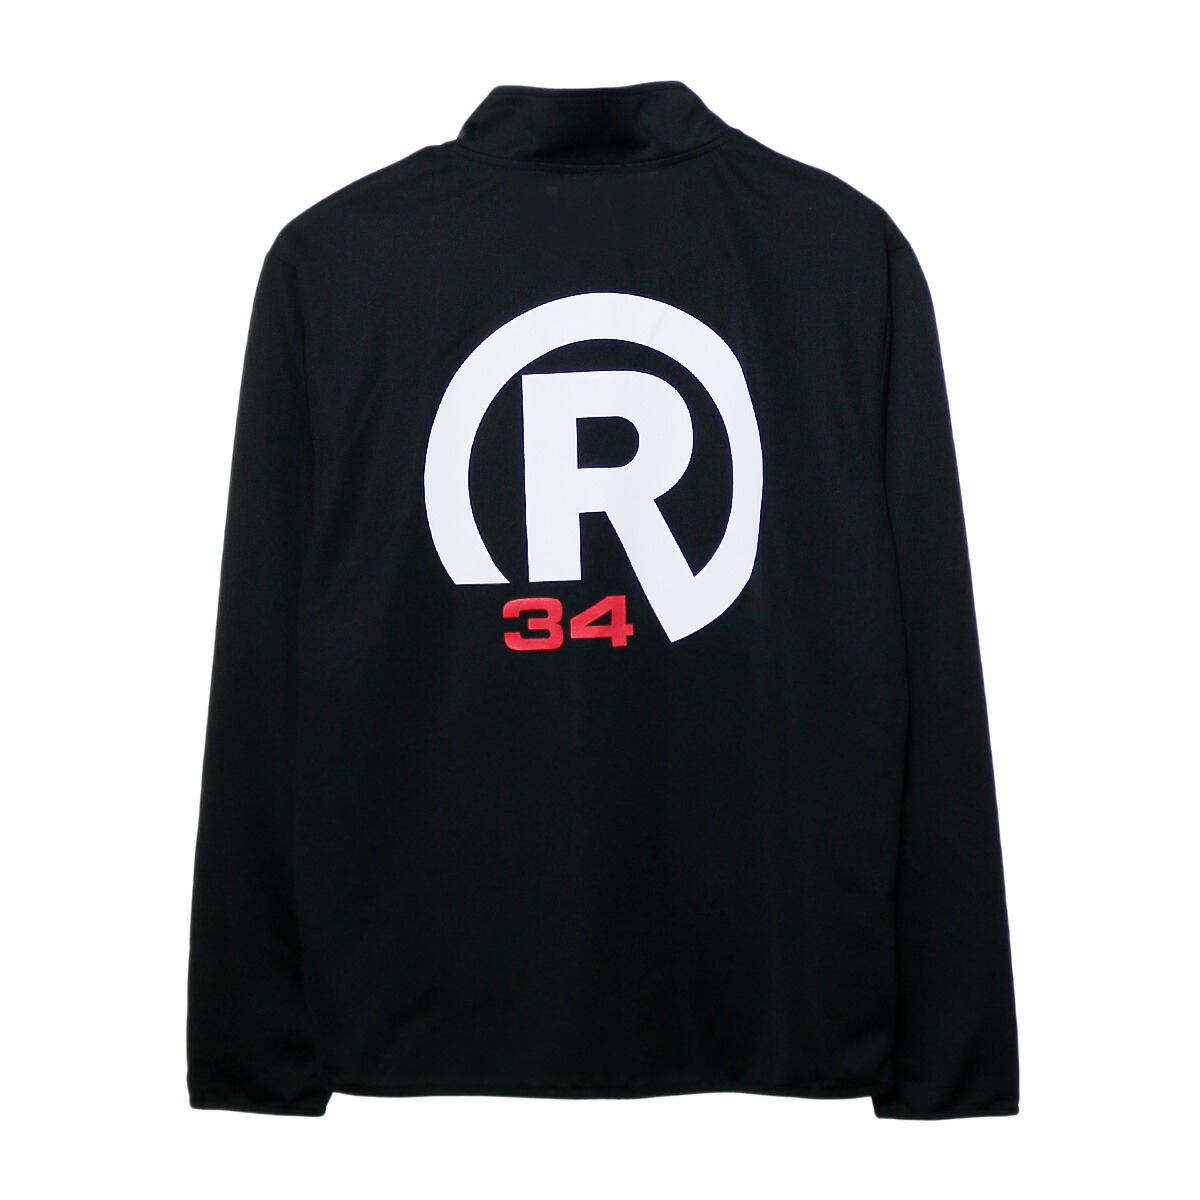 BASIC R34 LOGO DRY ZIP JACKET